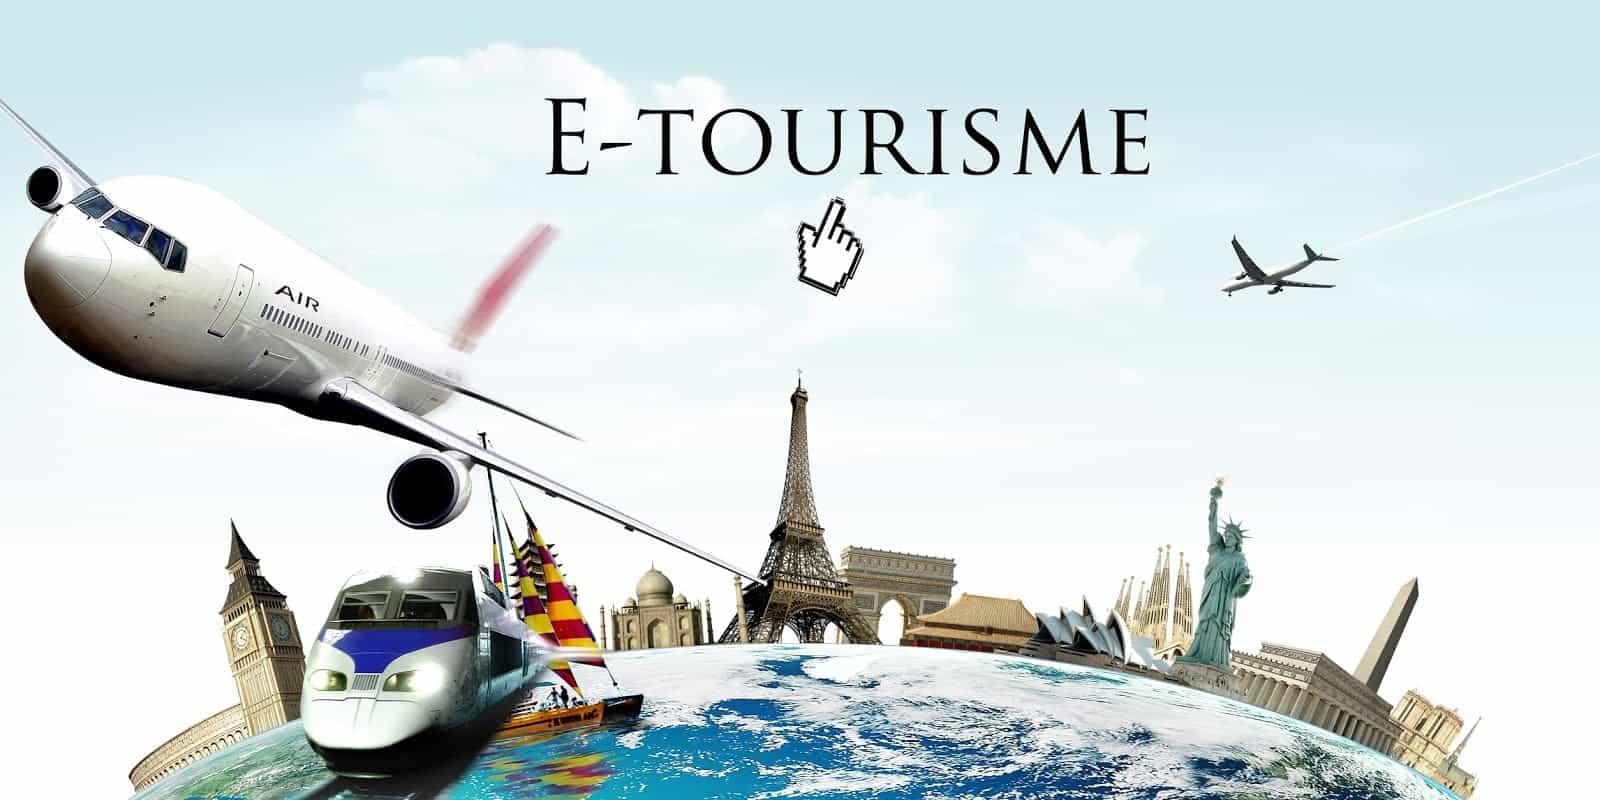 من أجل نجاح التنافسية في السياحة الالكترونية